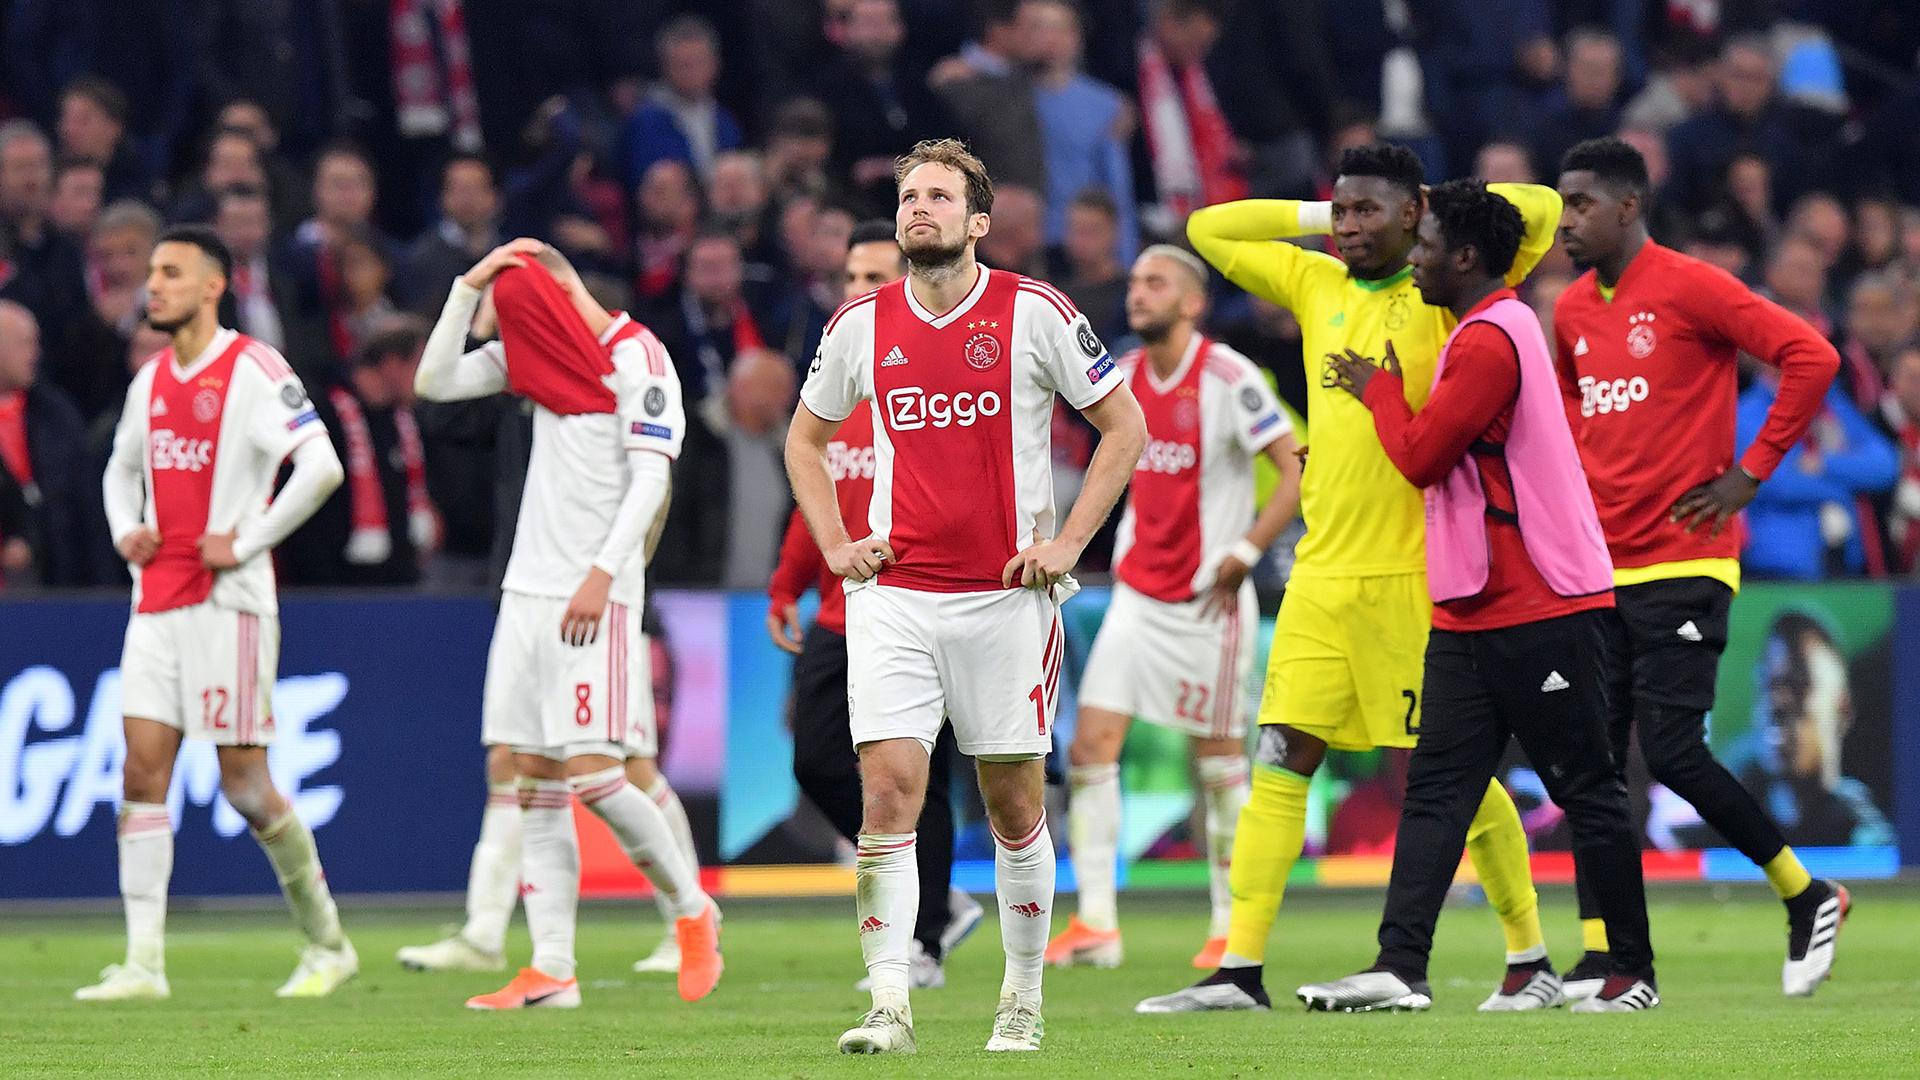 Những điều rút ra sau trận Ajax 2-3 Tottenham: Cần gì phép màu khi Spurs đã có Lucas Moura - Bóng Đá